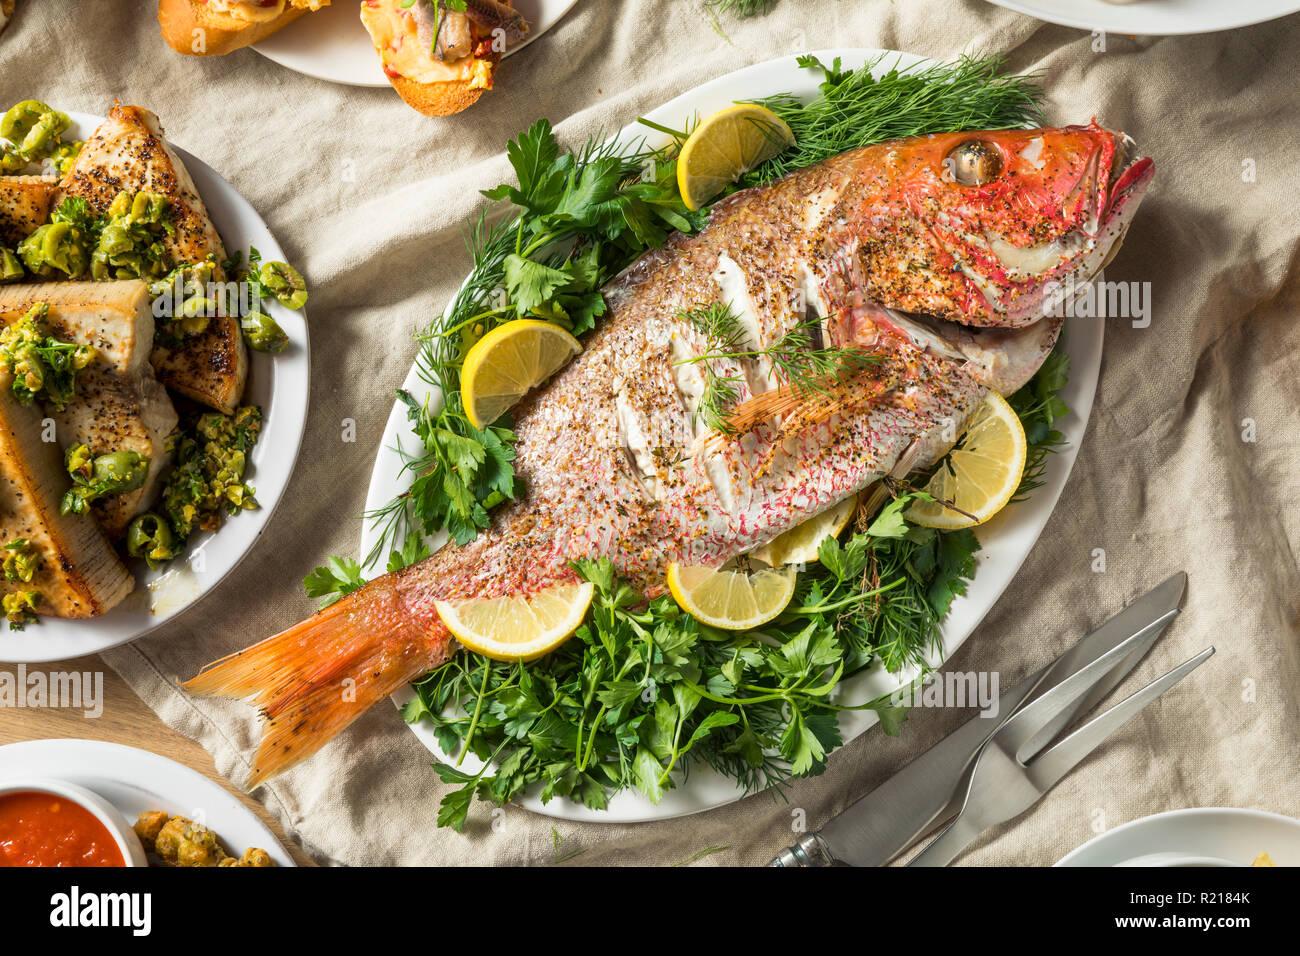 Urlaub italienische Fest der 7 Fische mit Snapper Octopus und Pasta Stockbild